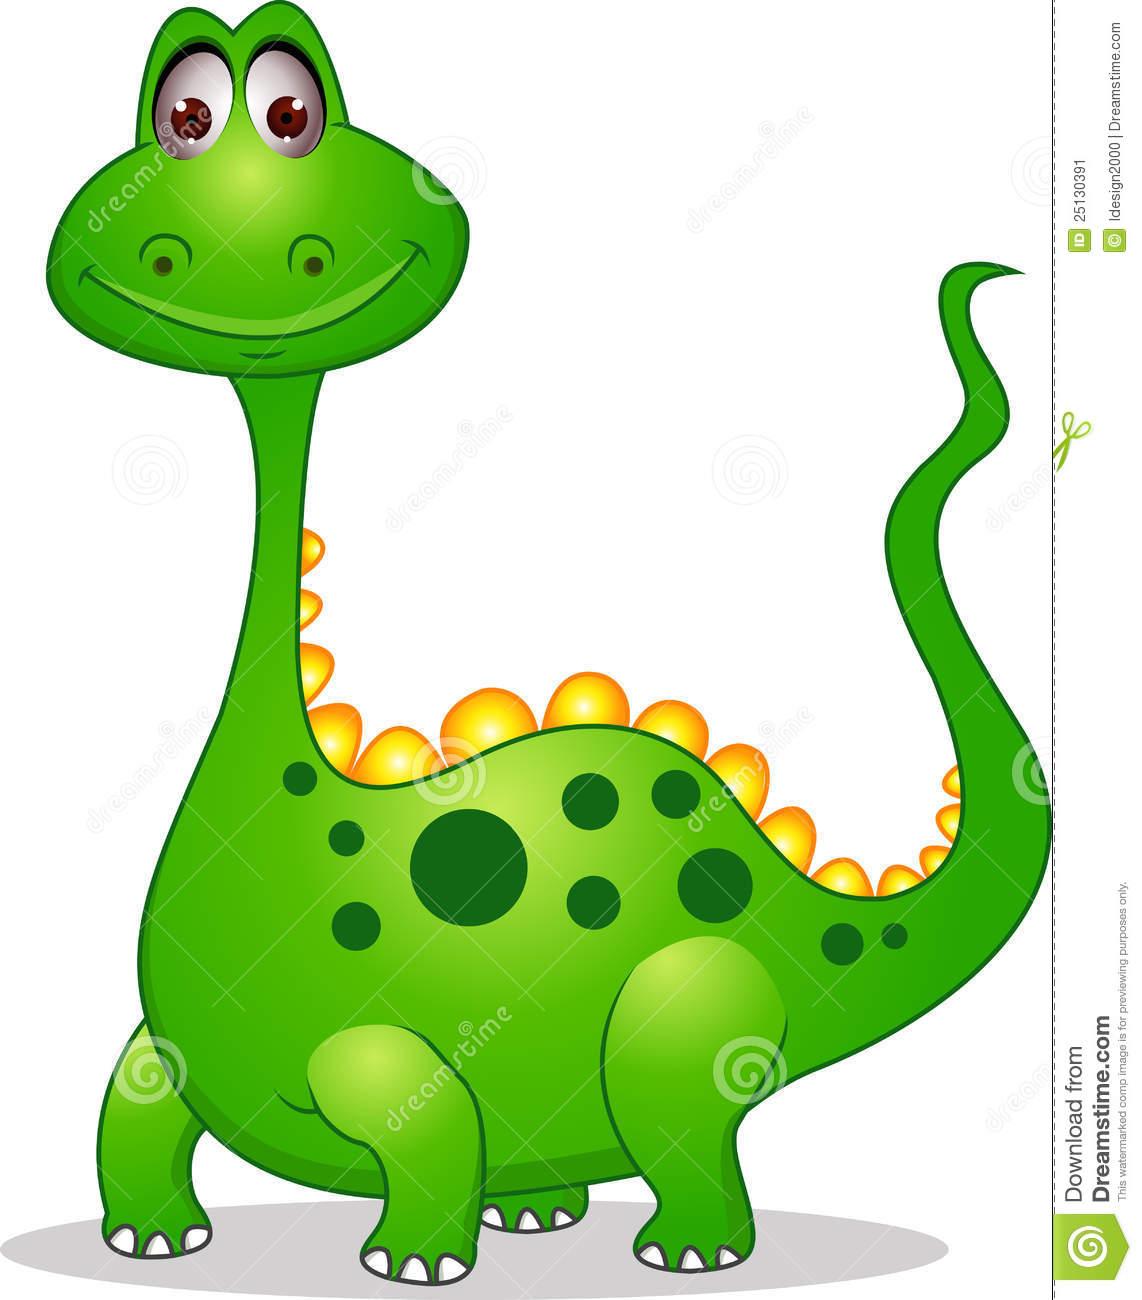 Мультфильм динозавр фигурки рекс игрушки играть - 5